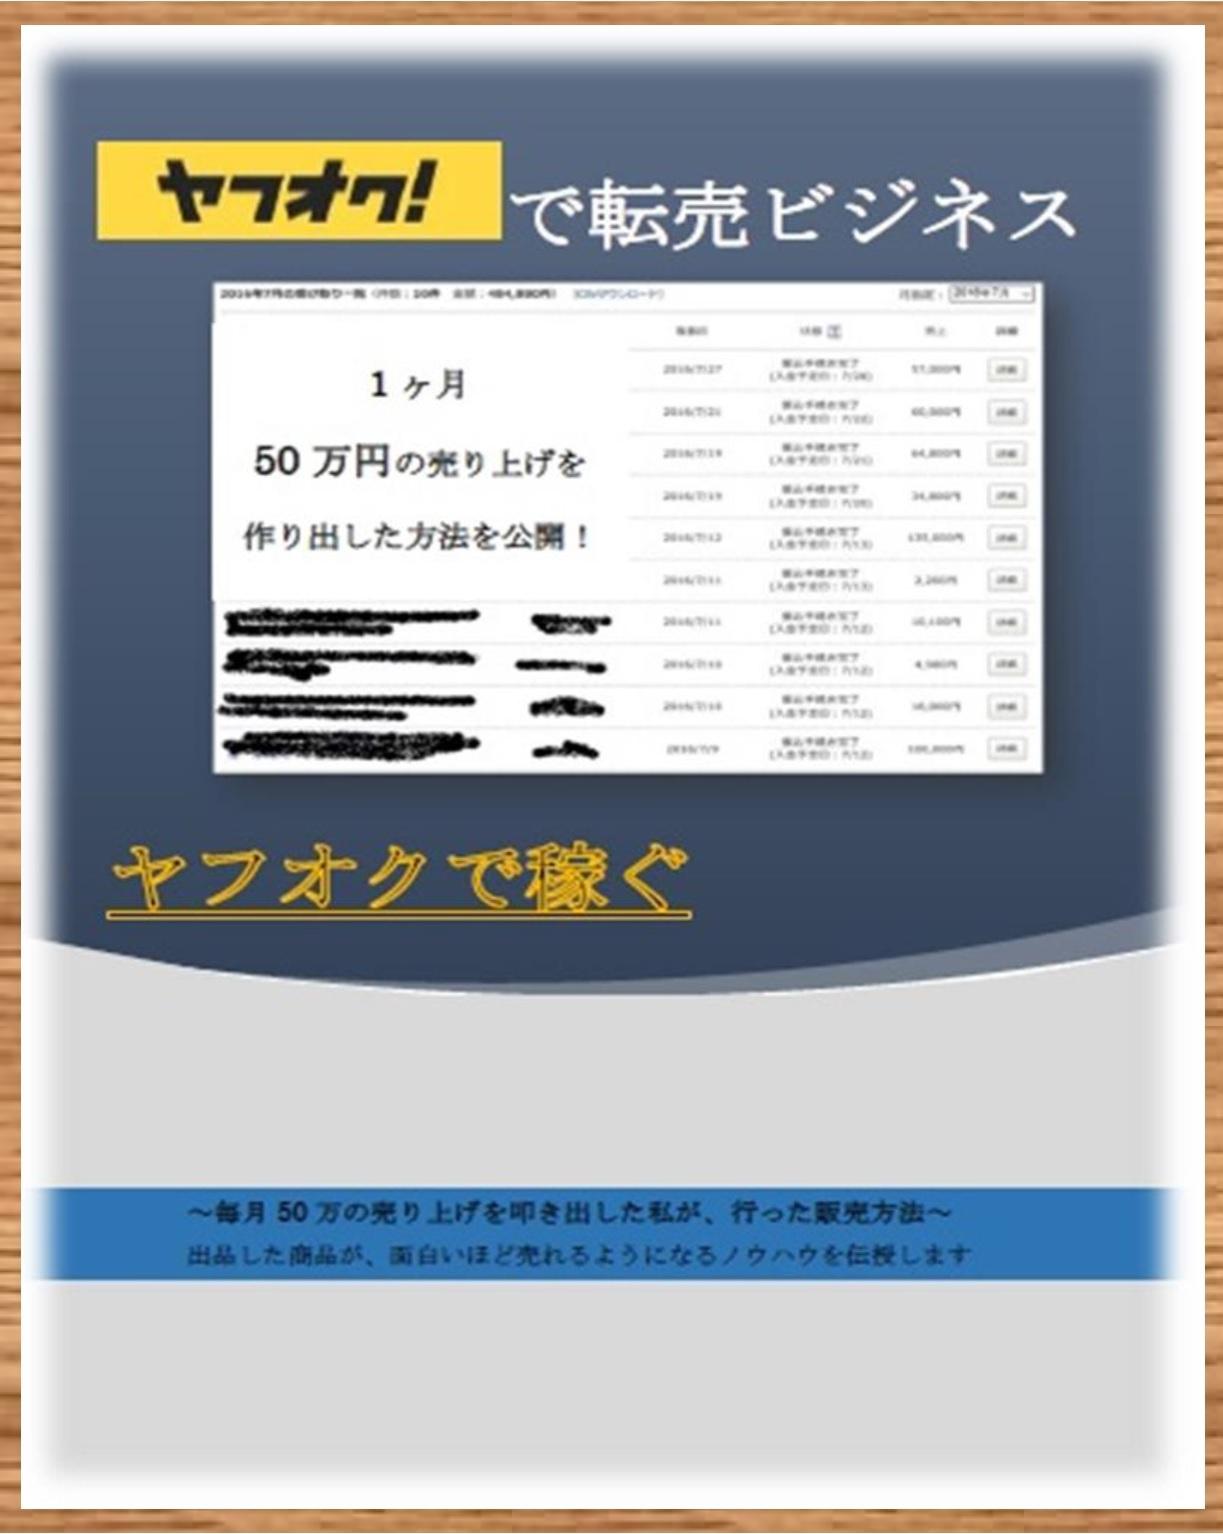 【完売!!】ヤフオクで稼ぐ方法 PDFデータ テキスト (予定数量分終了)